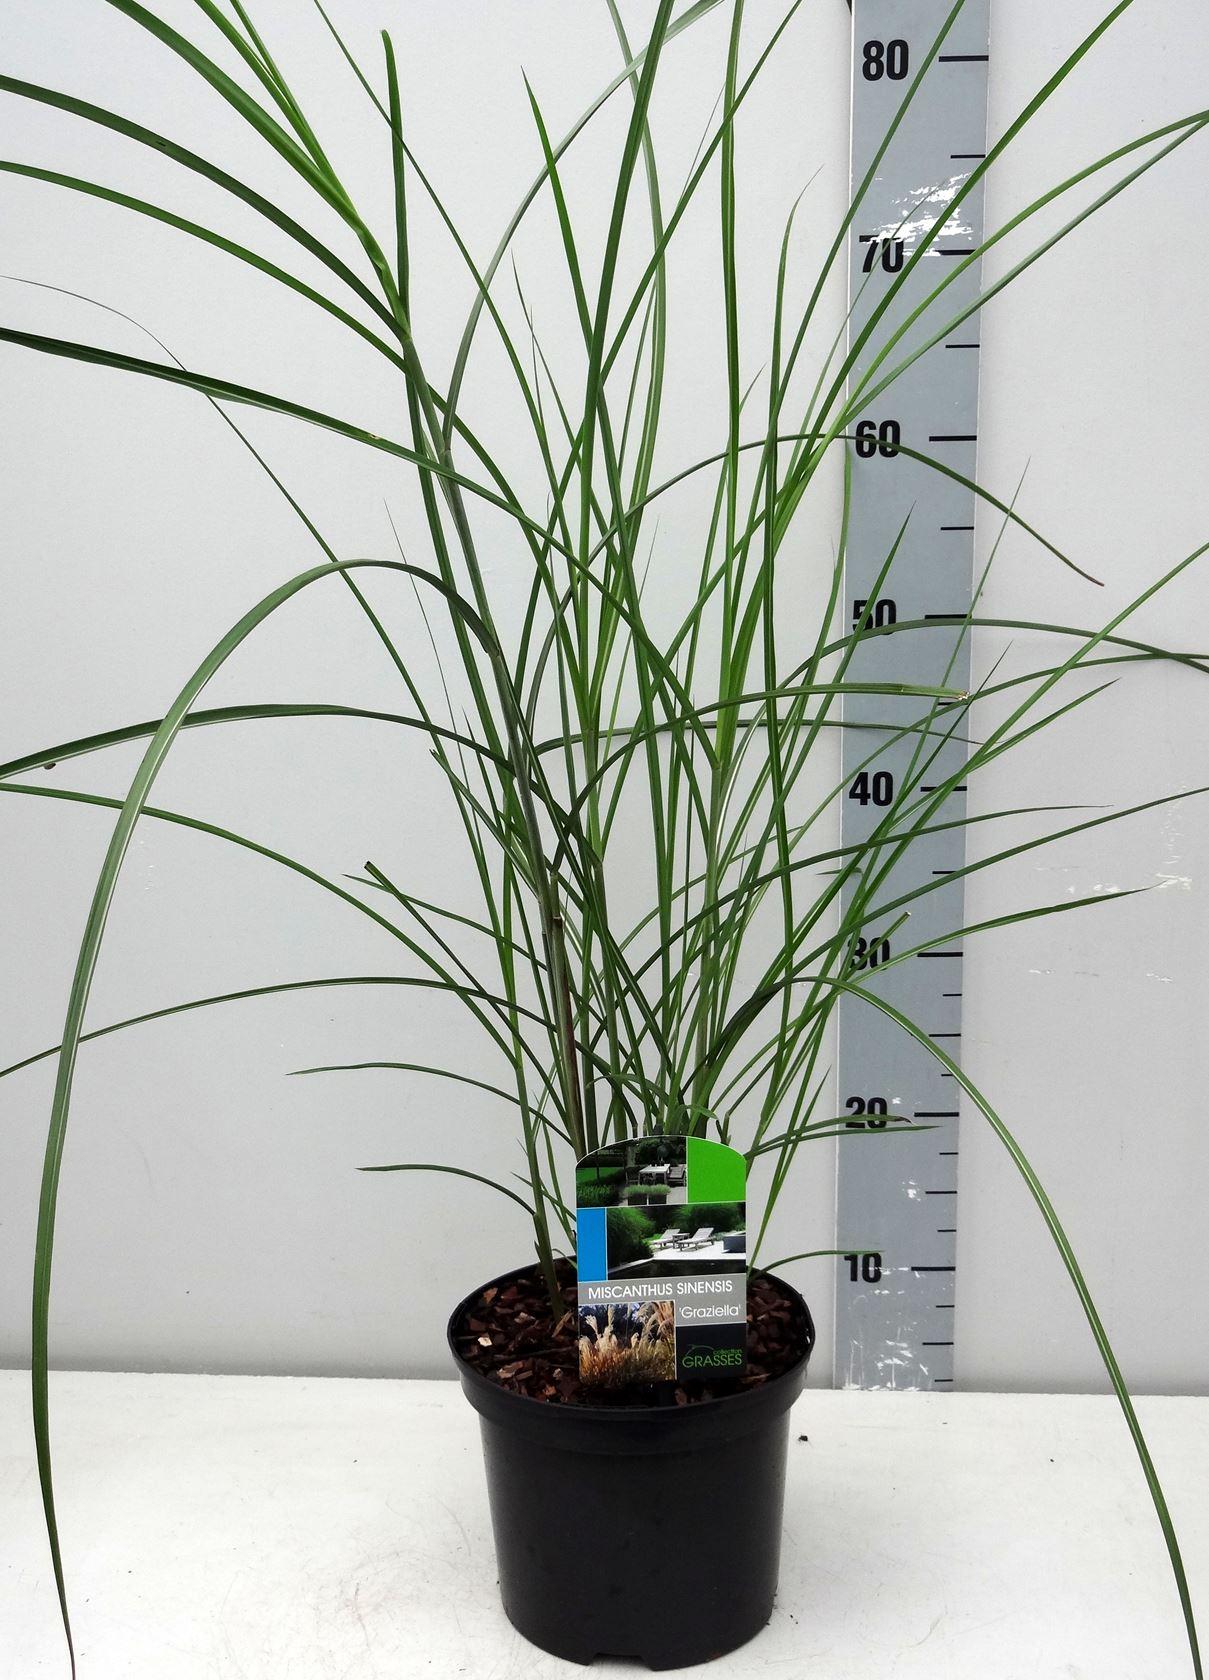 Miscanthus sinensis 'Graziella' CO 3L